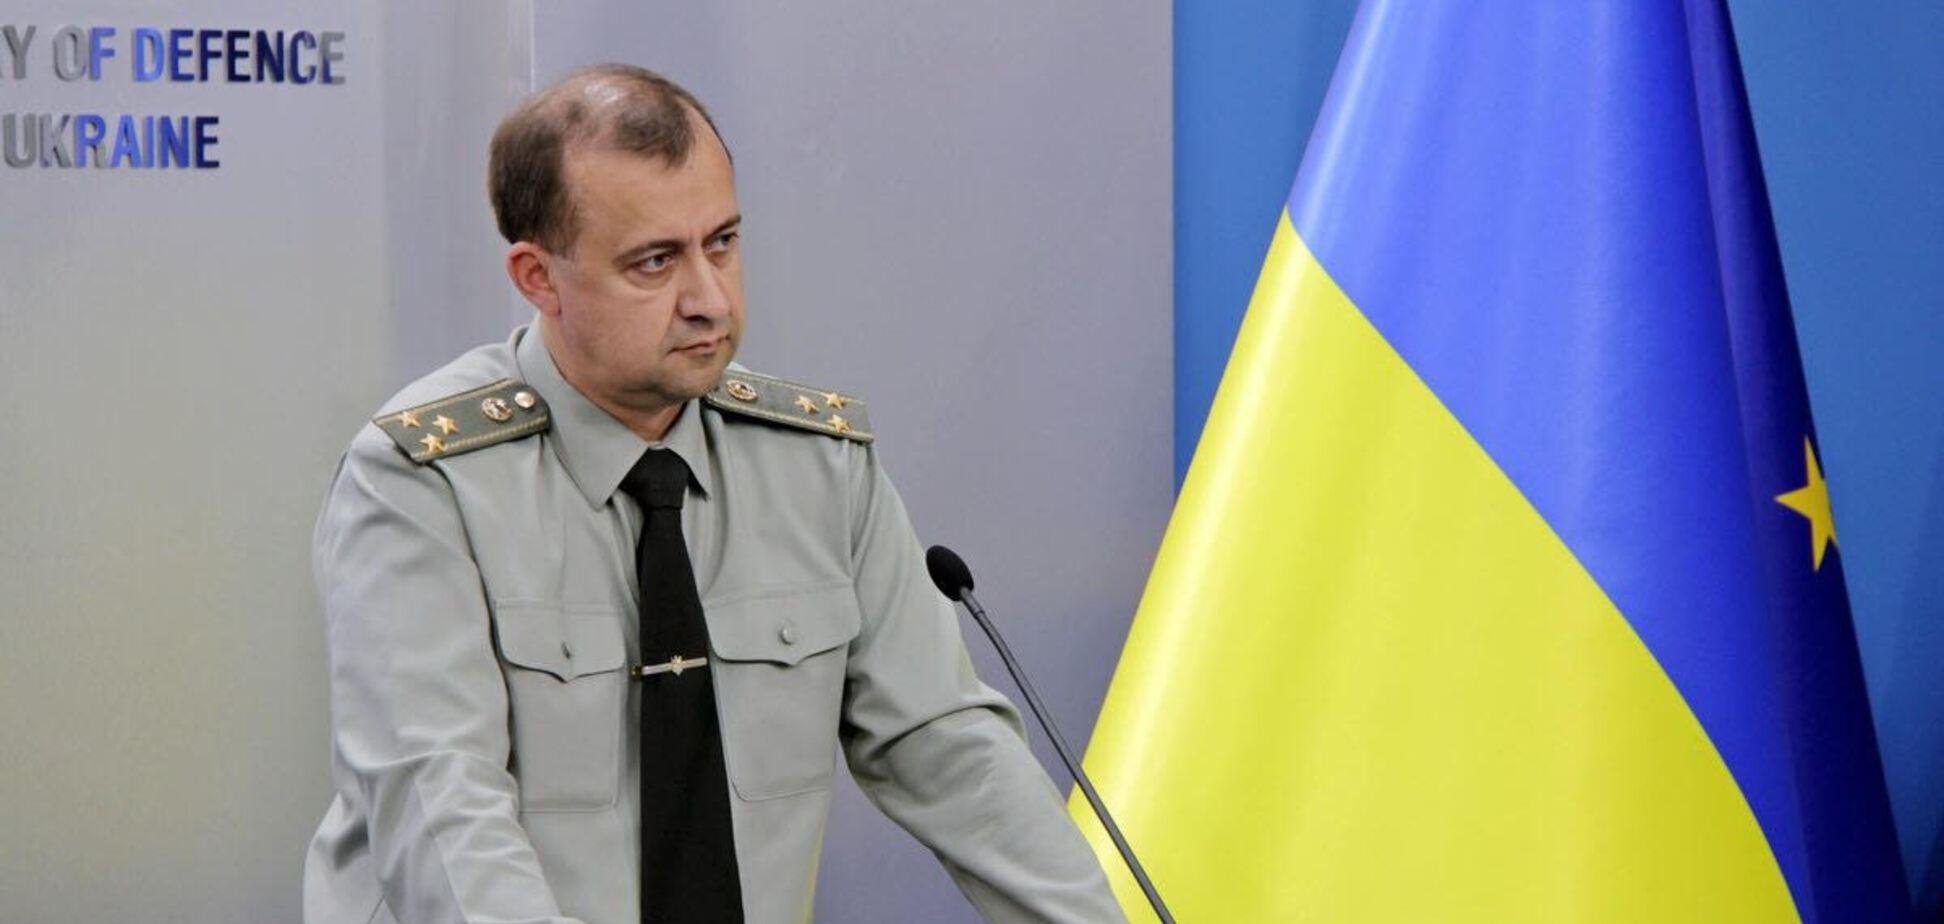 Дело о 149 миллионах МО Украины. Высшая несправедливость или норма жизни